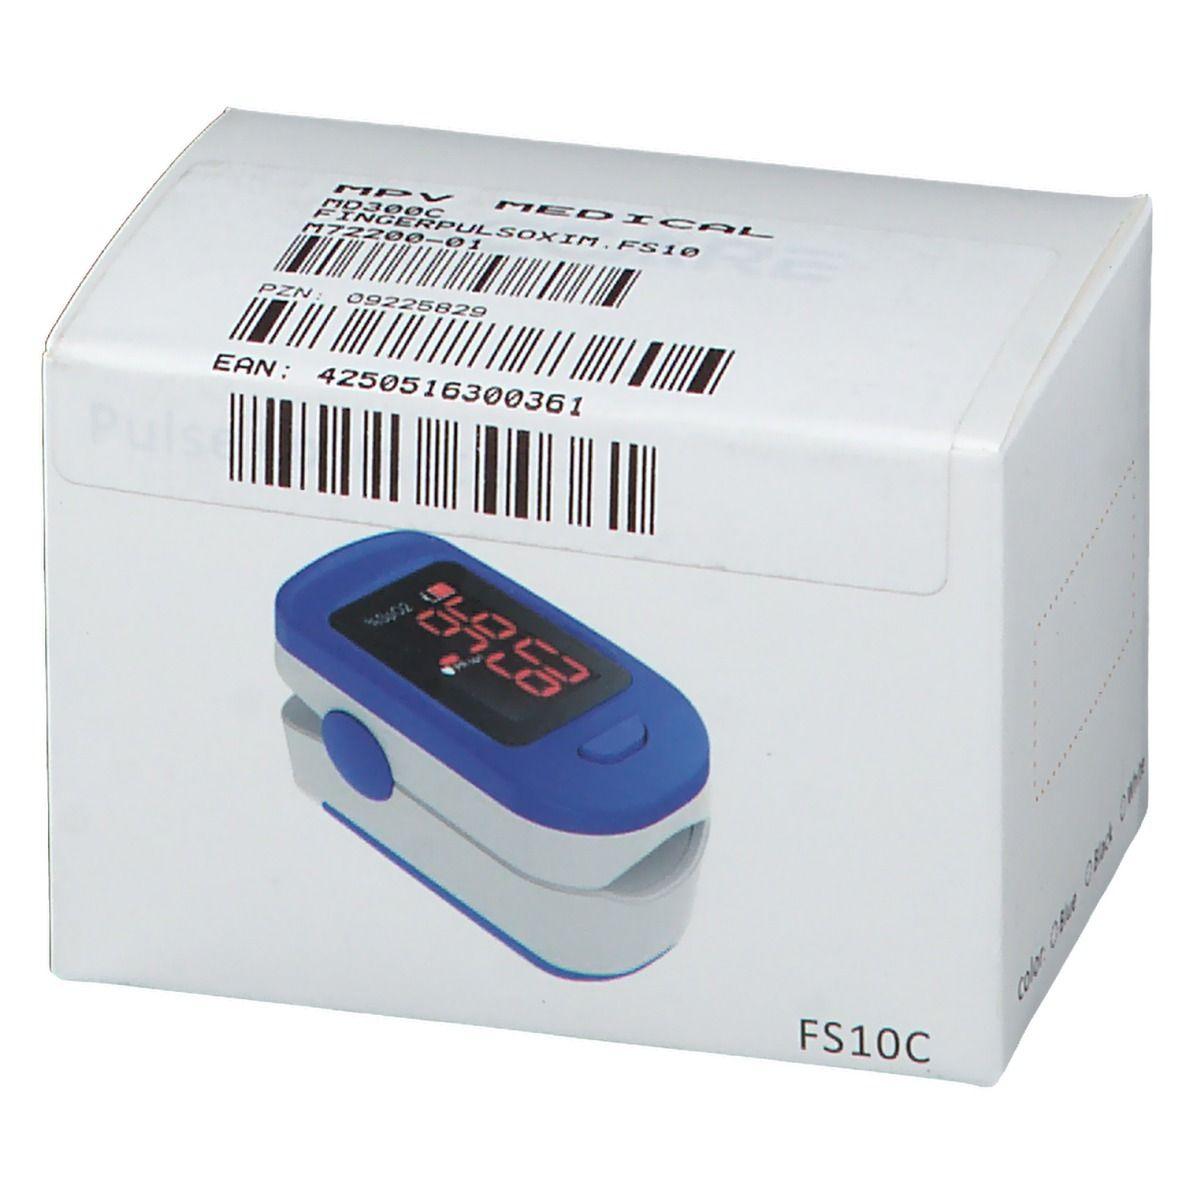 Fingerpulsoximeter MD 300C1